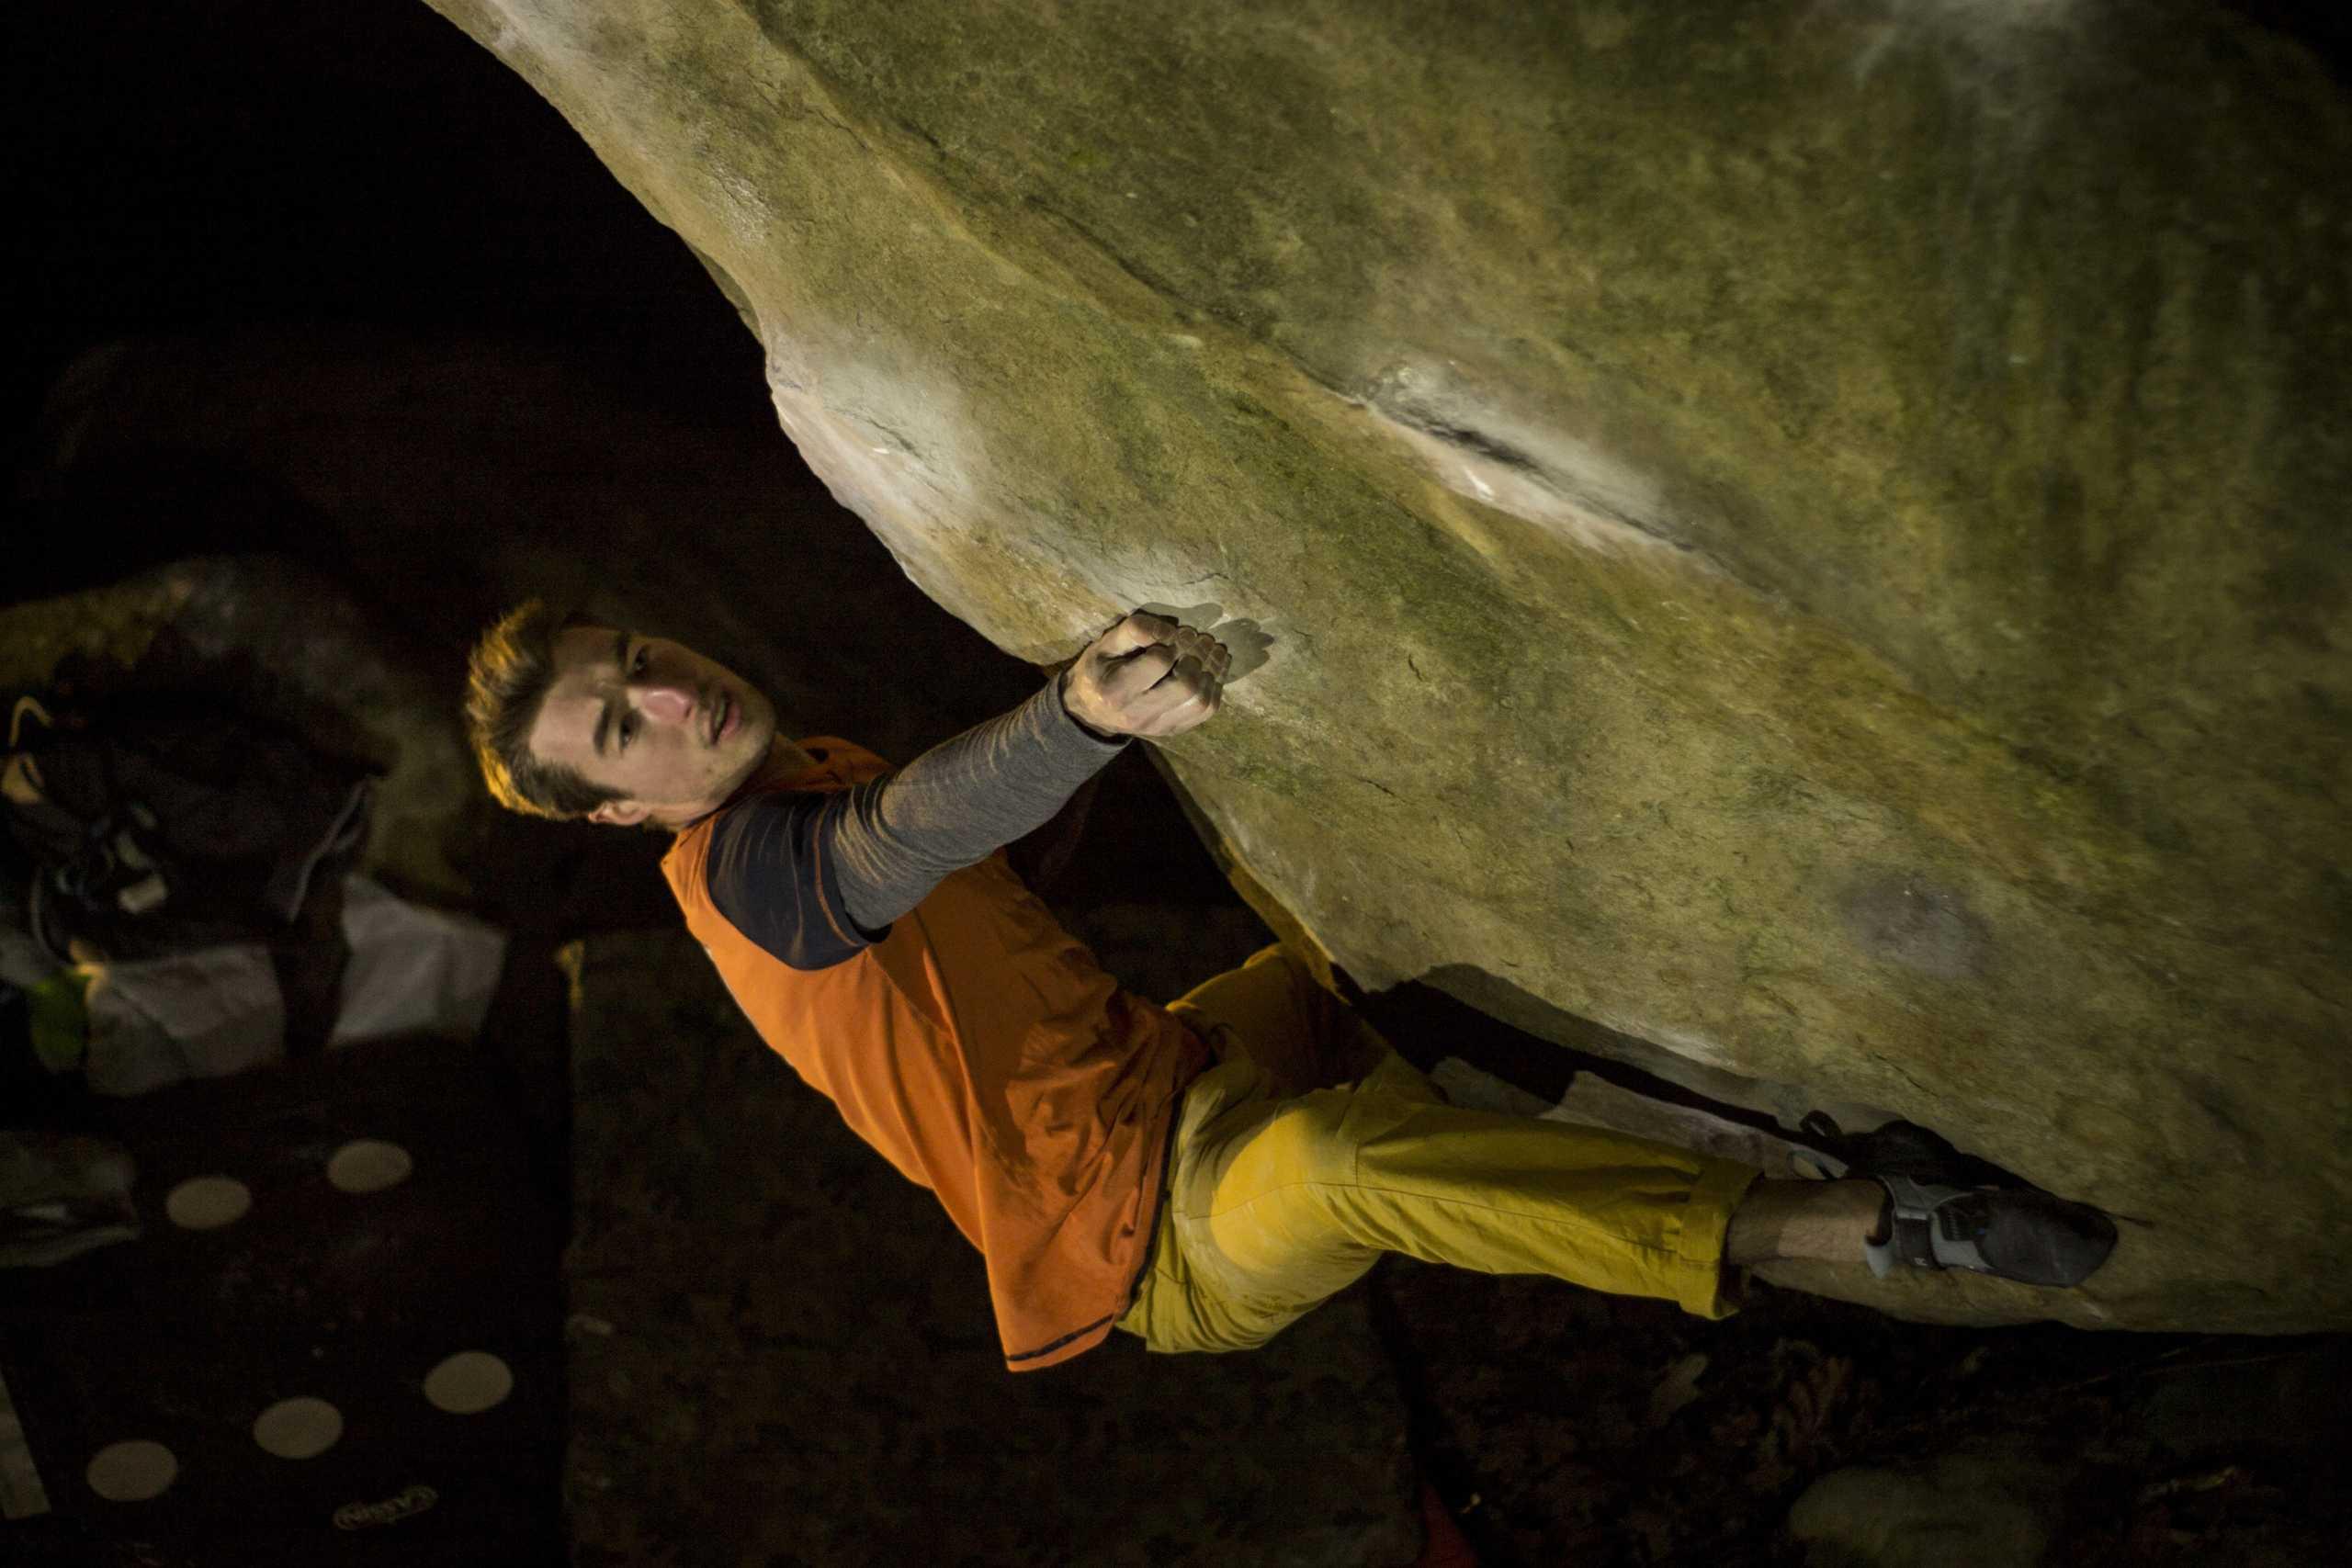 Simone Tentori su Gecko Assis 8B+ Fontainebleau